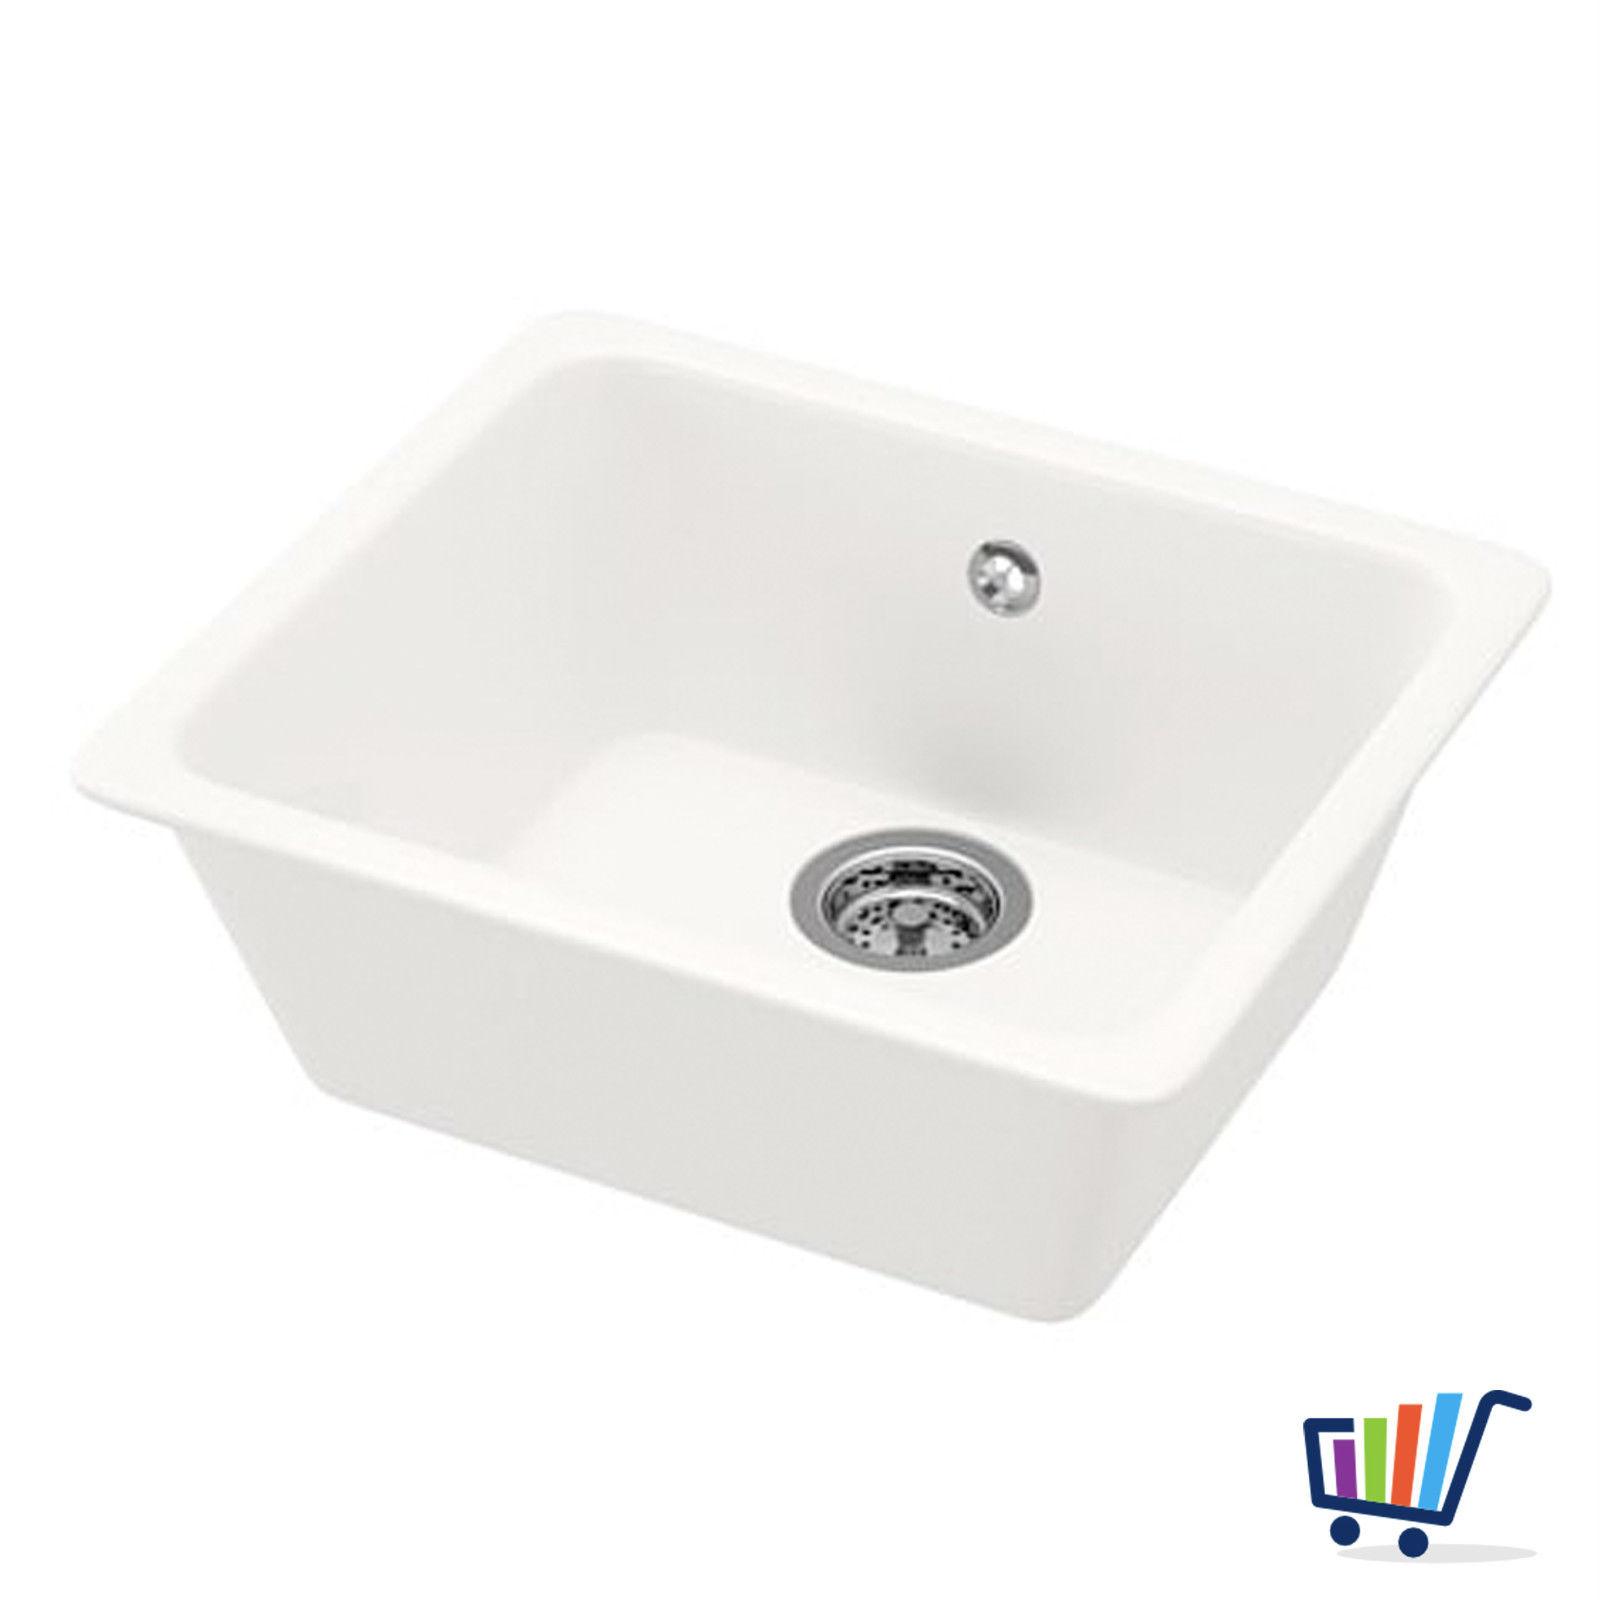 IKEA DOMSJÖ Keramik Spülbecken Küchenspüle Waschbecken Spüle OHNE ...